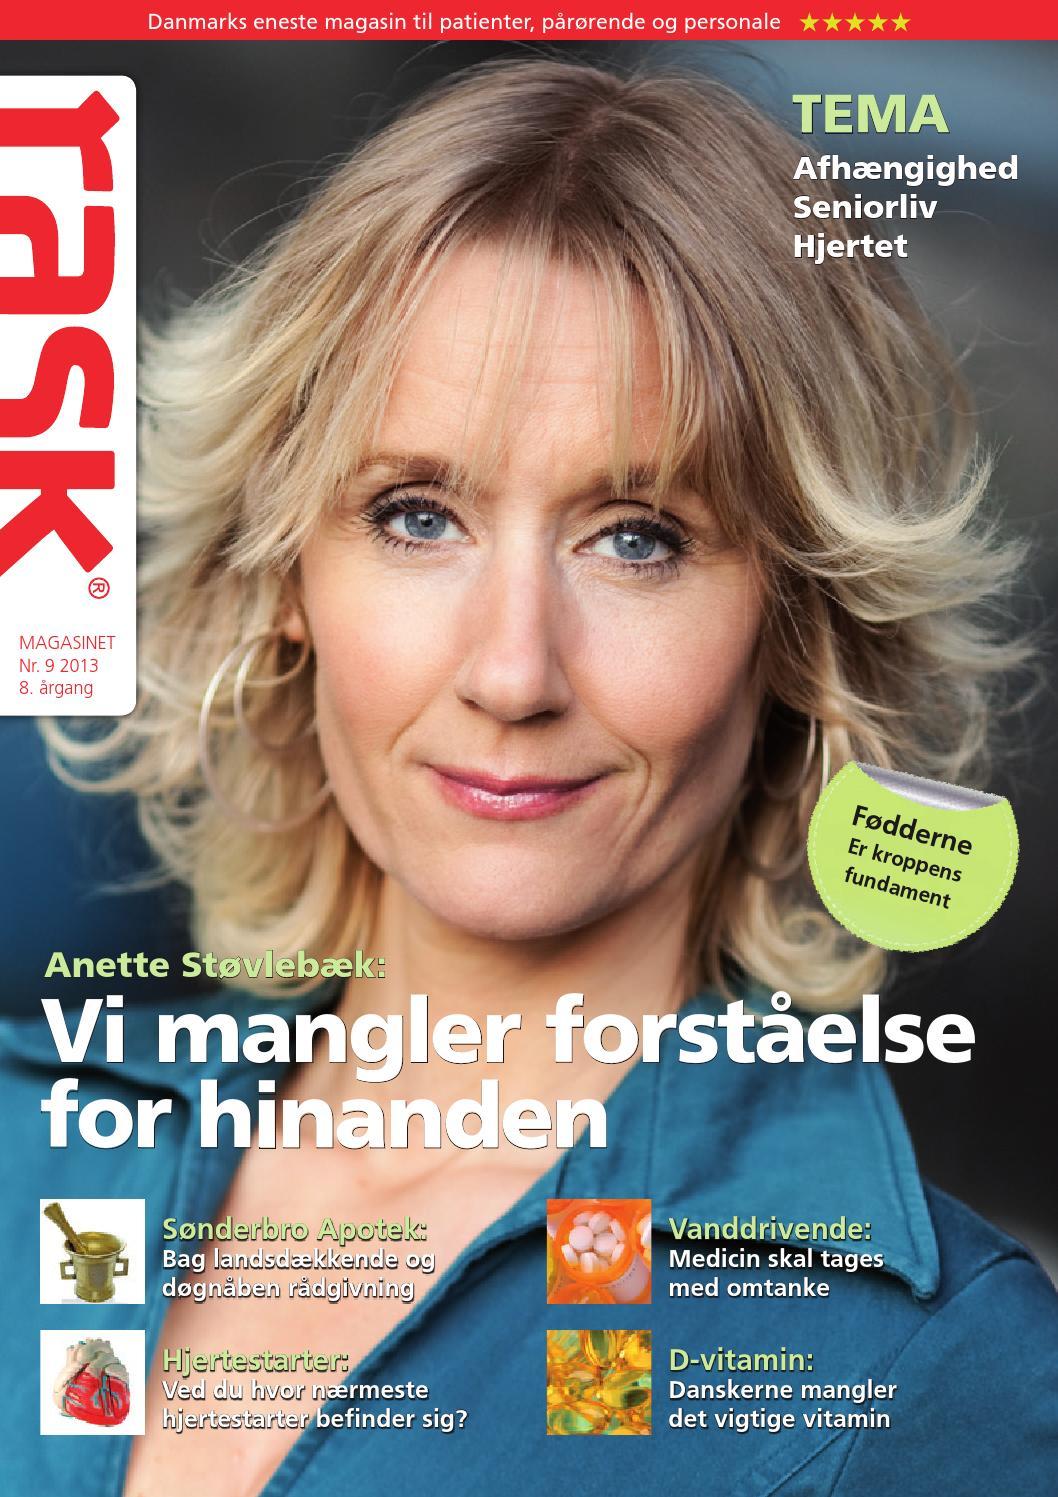 damp butikken søborg gratis danske sexnoveller